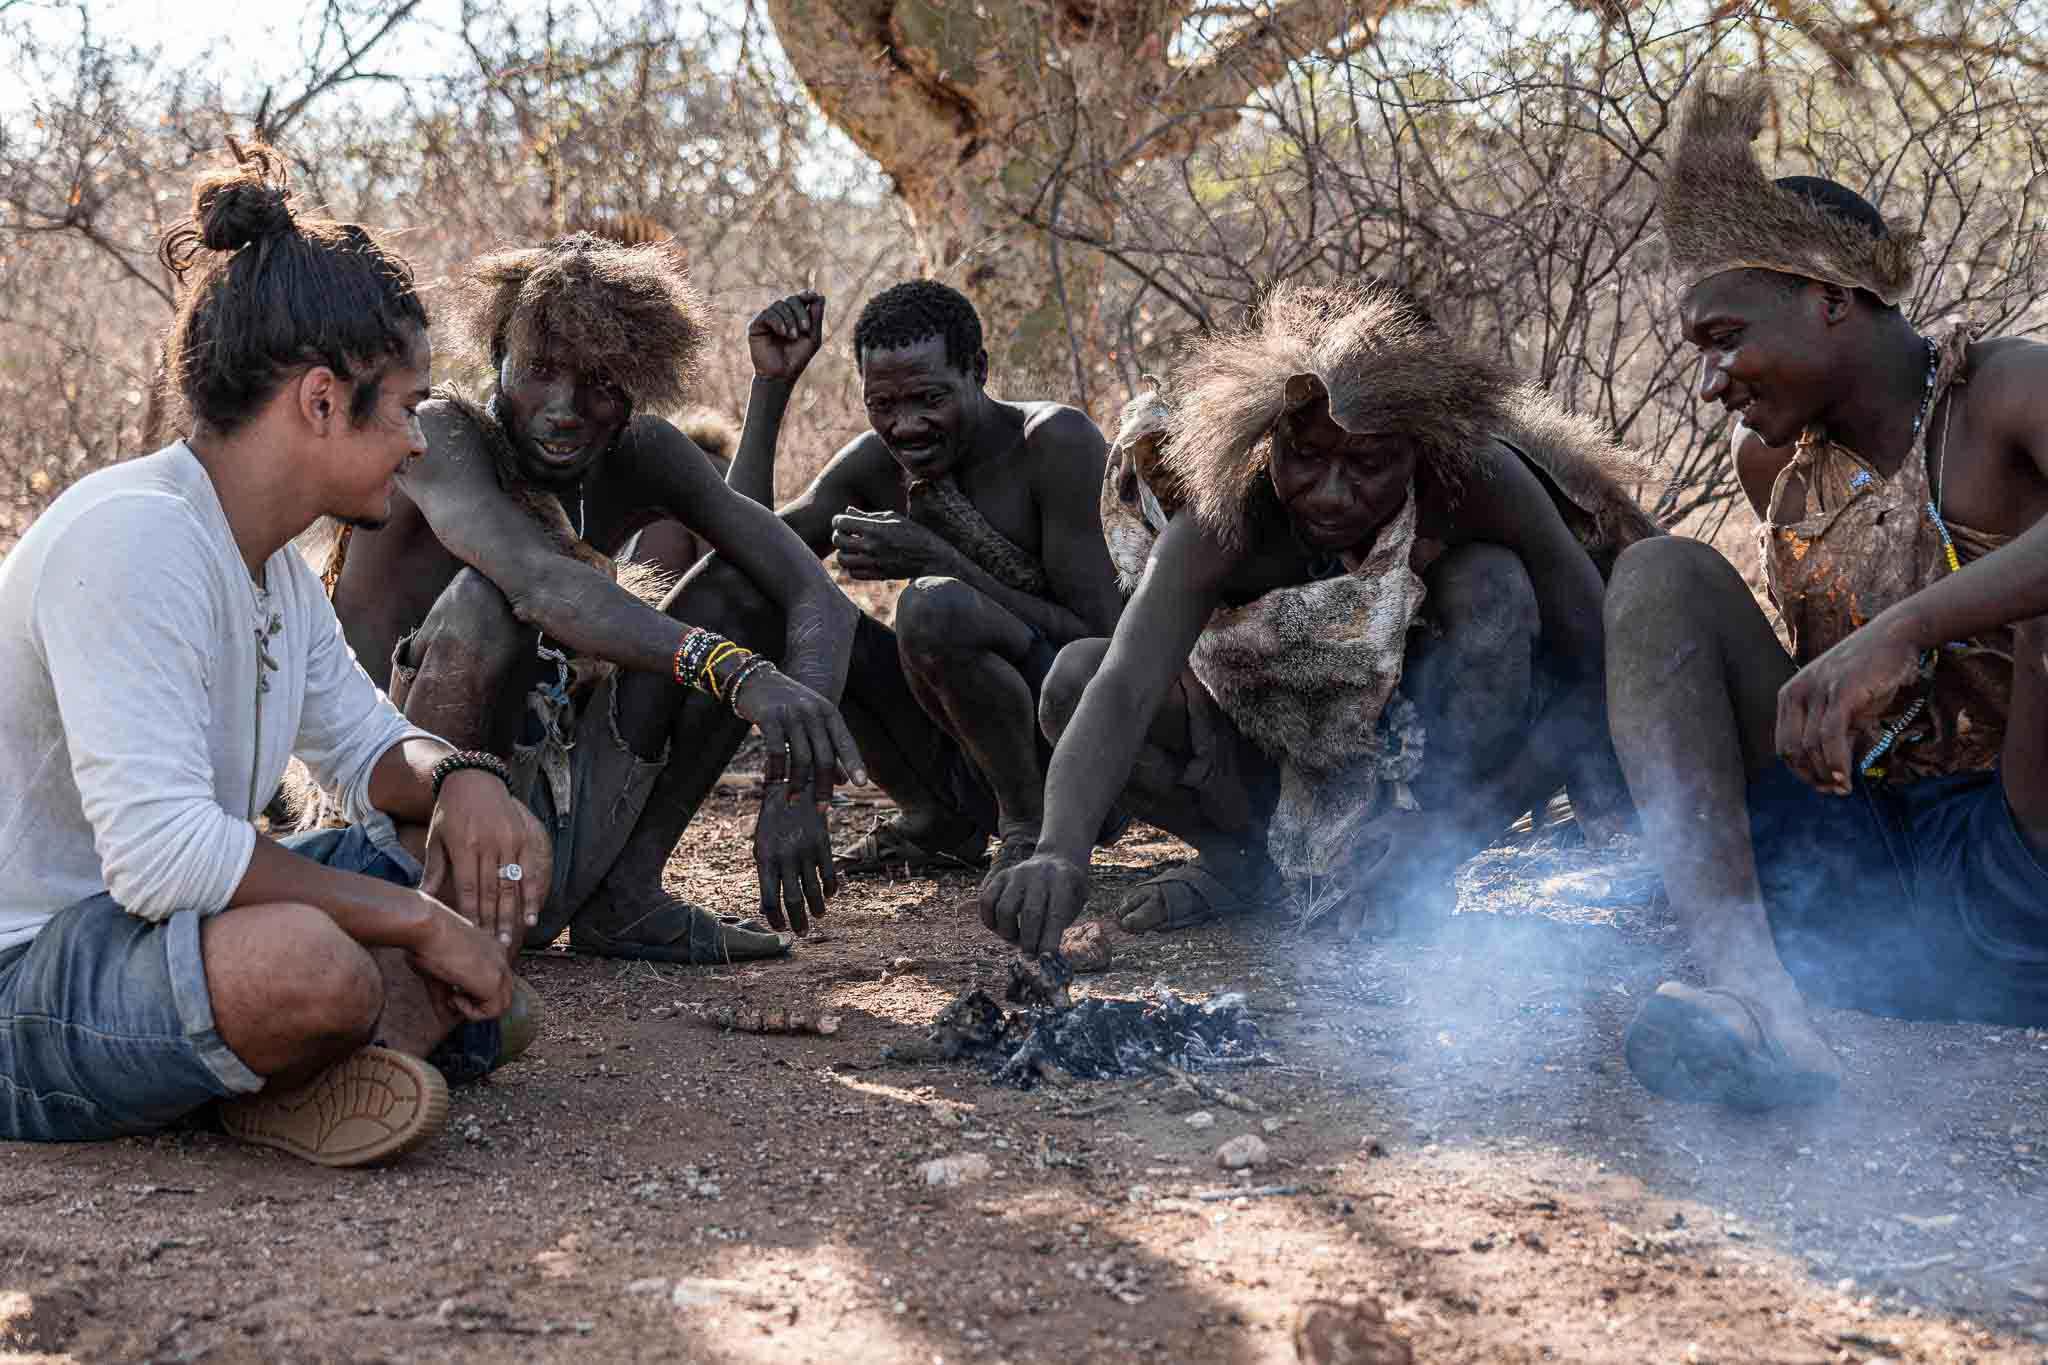 Arusha Trips about us - Hadzabe tribe tanzania